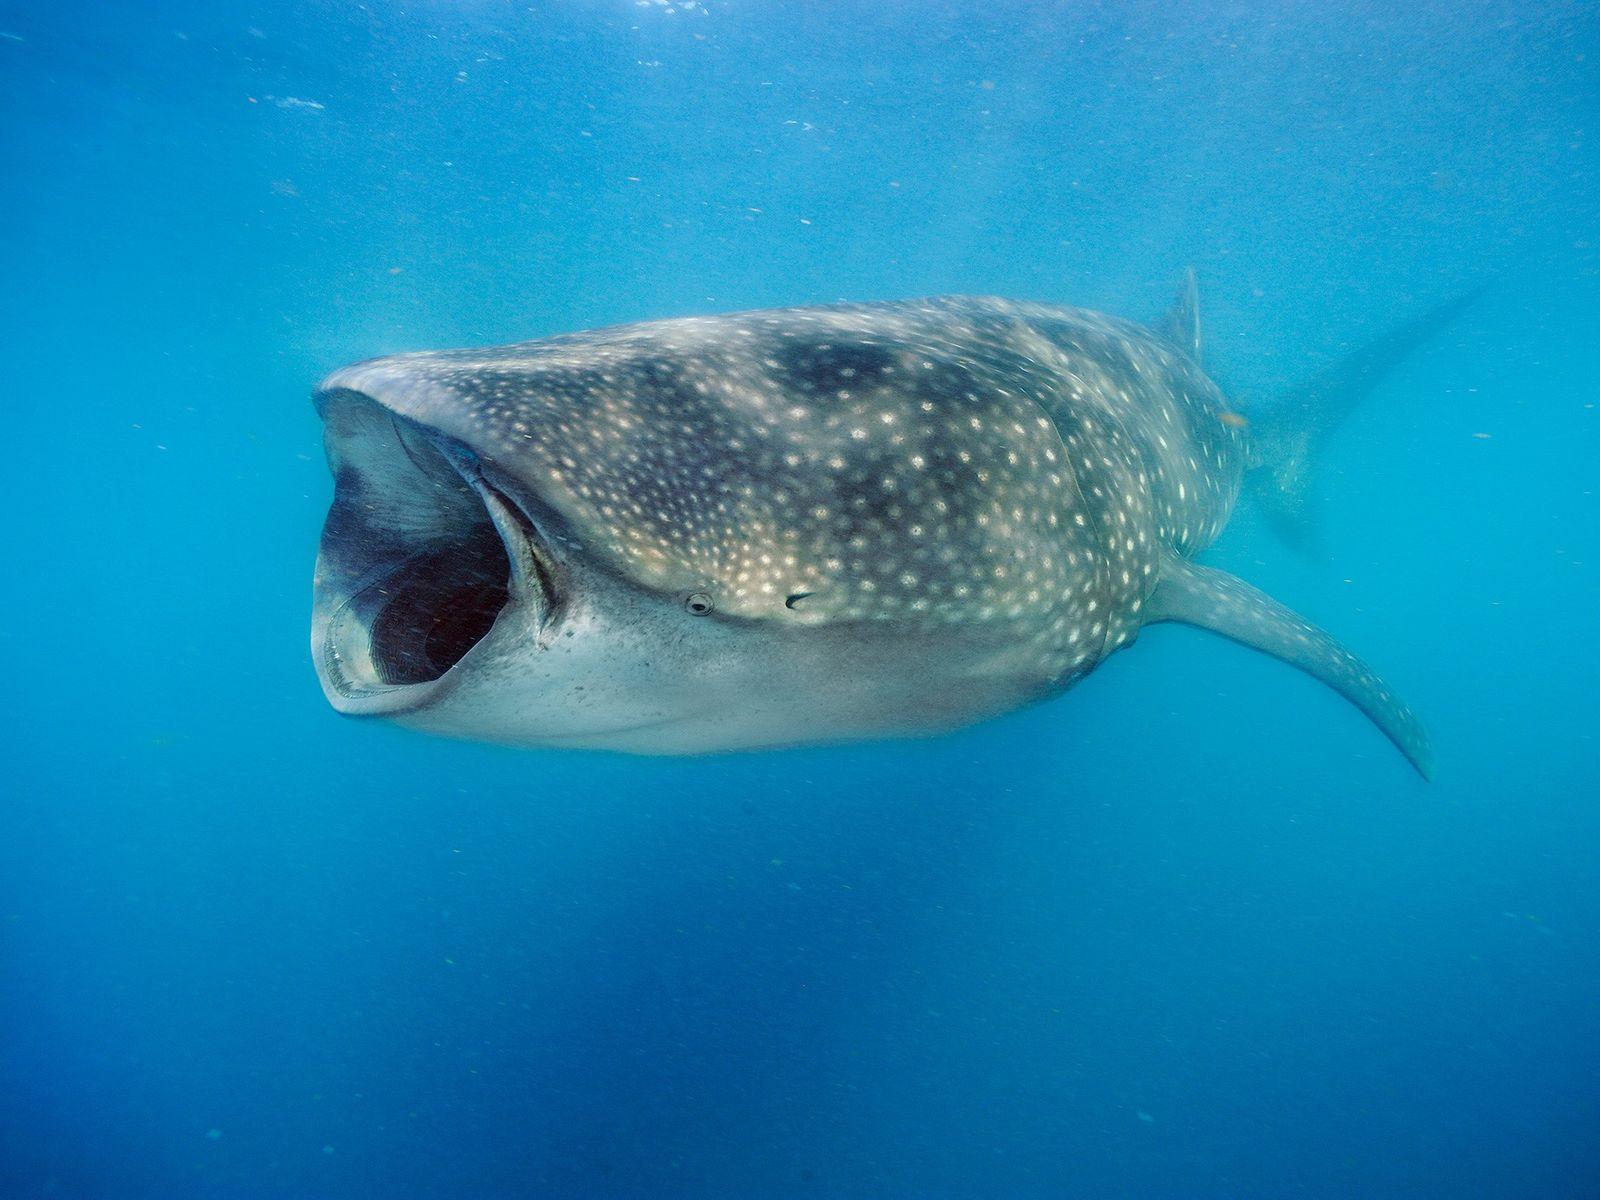 Walhaie wie dieses Tier, das vor Halbinsel Yucatán Plankton frisst, können den Wasserdurchfluss manipulieren, um ihre ...